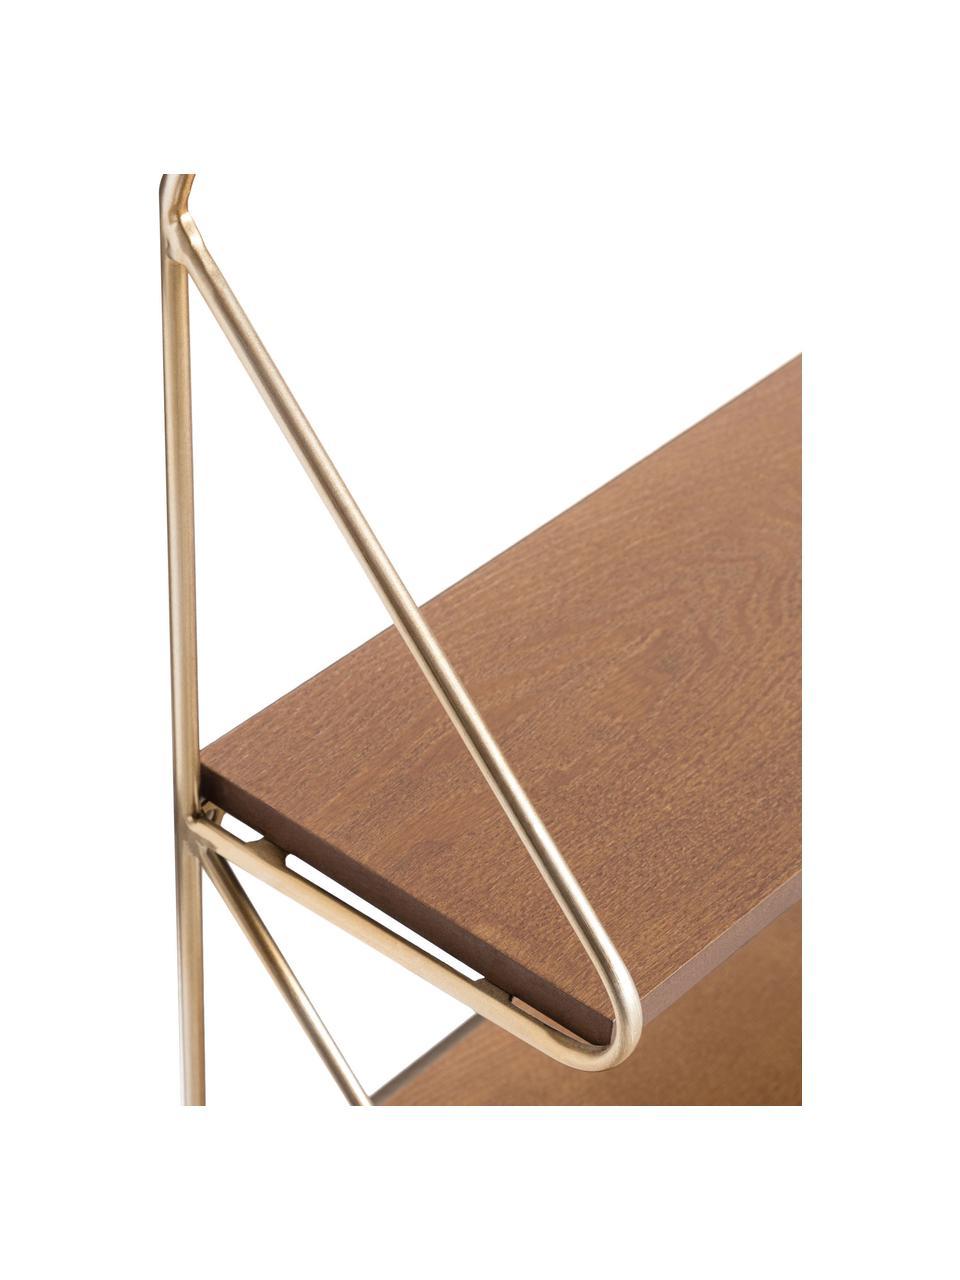 Mała półka ścienna Catrina, Stelaż: metal lakierowany, Brązowy, odcienie złotego, S 51 x W 42 cm